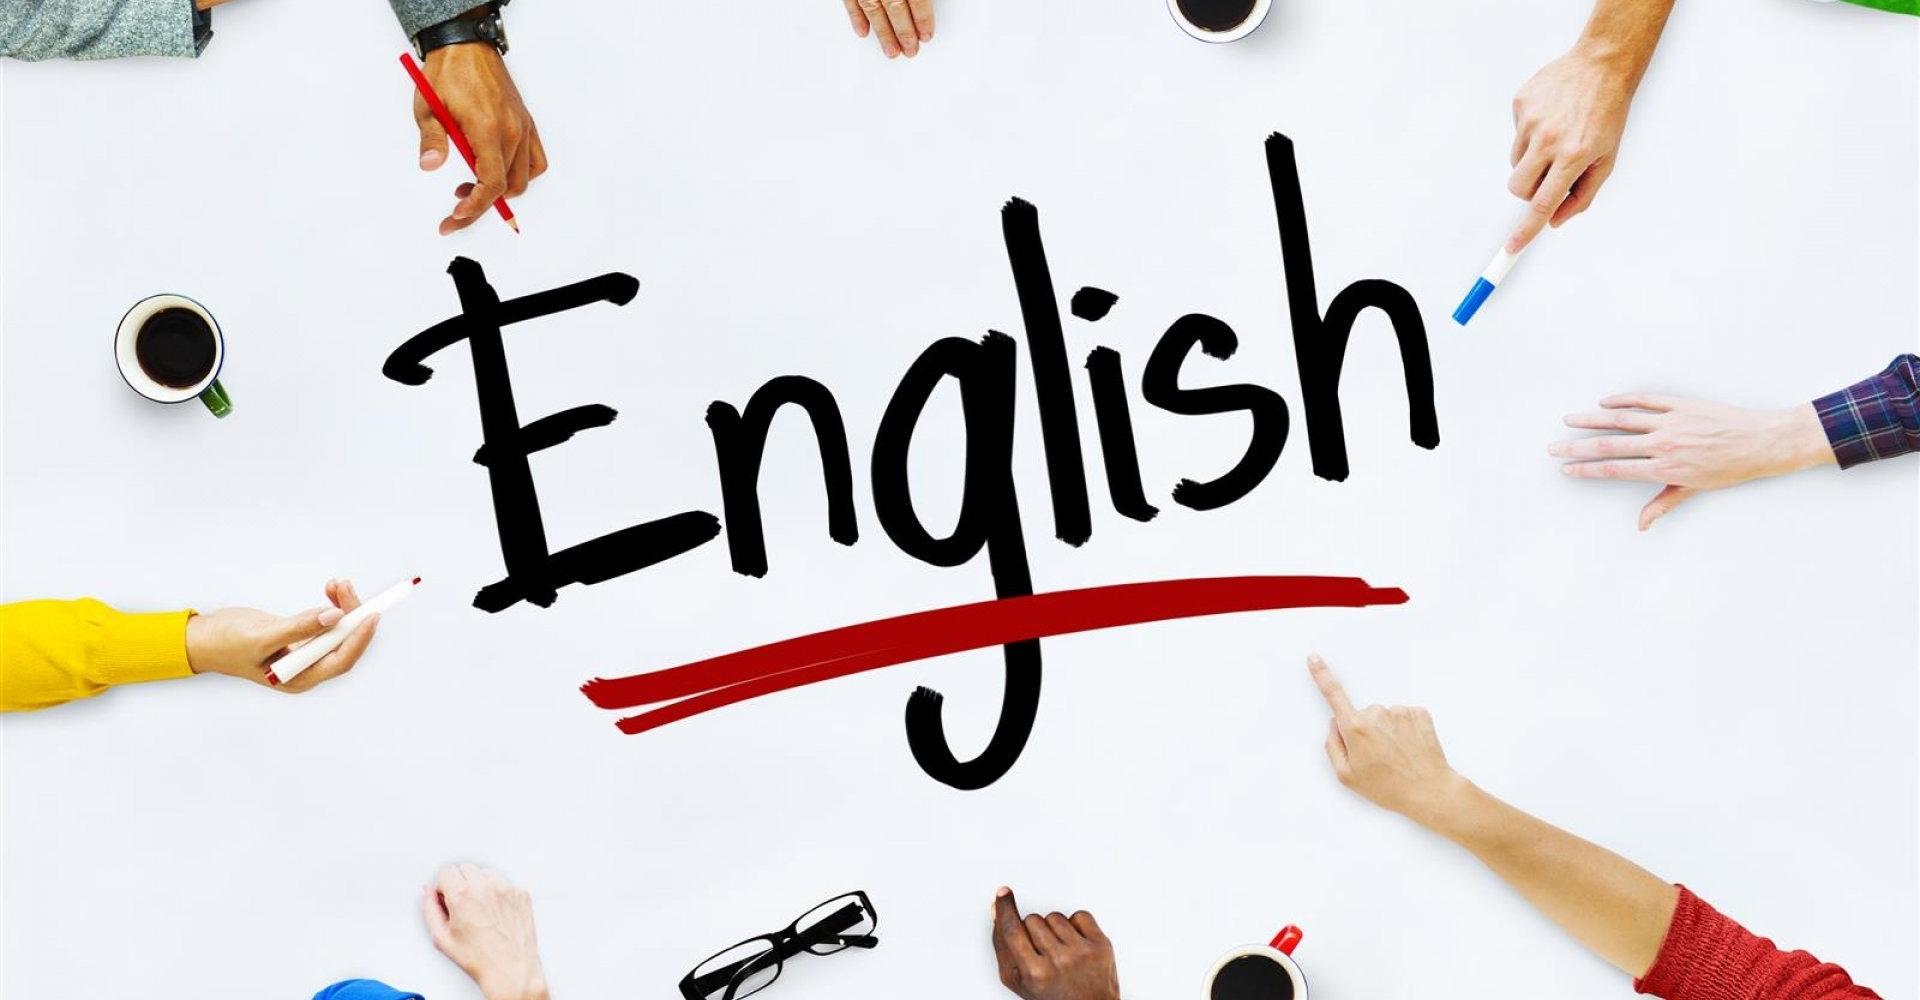 Для чего нужен английский?